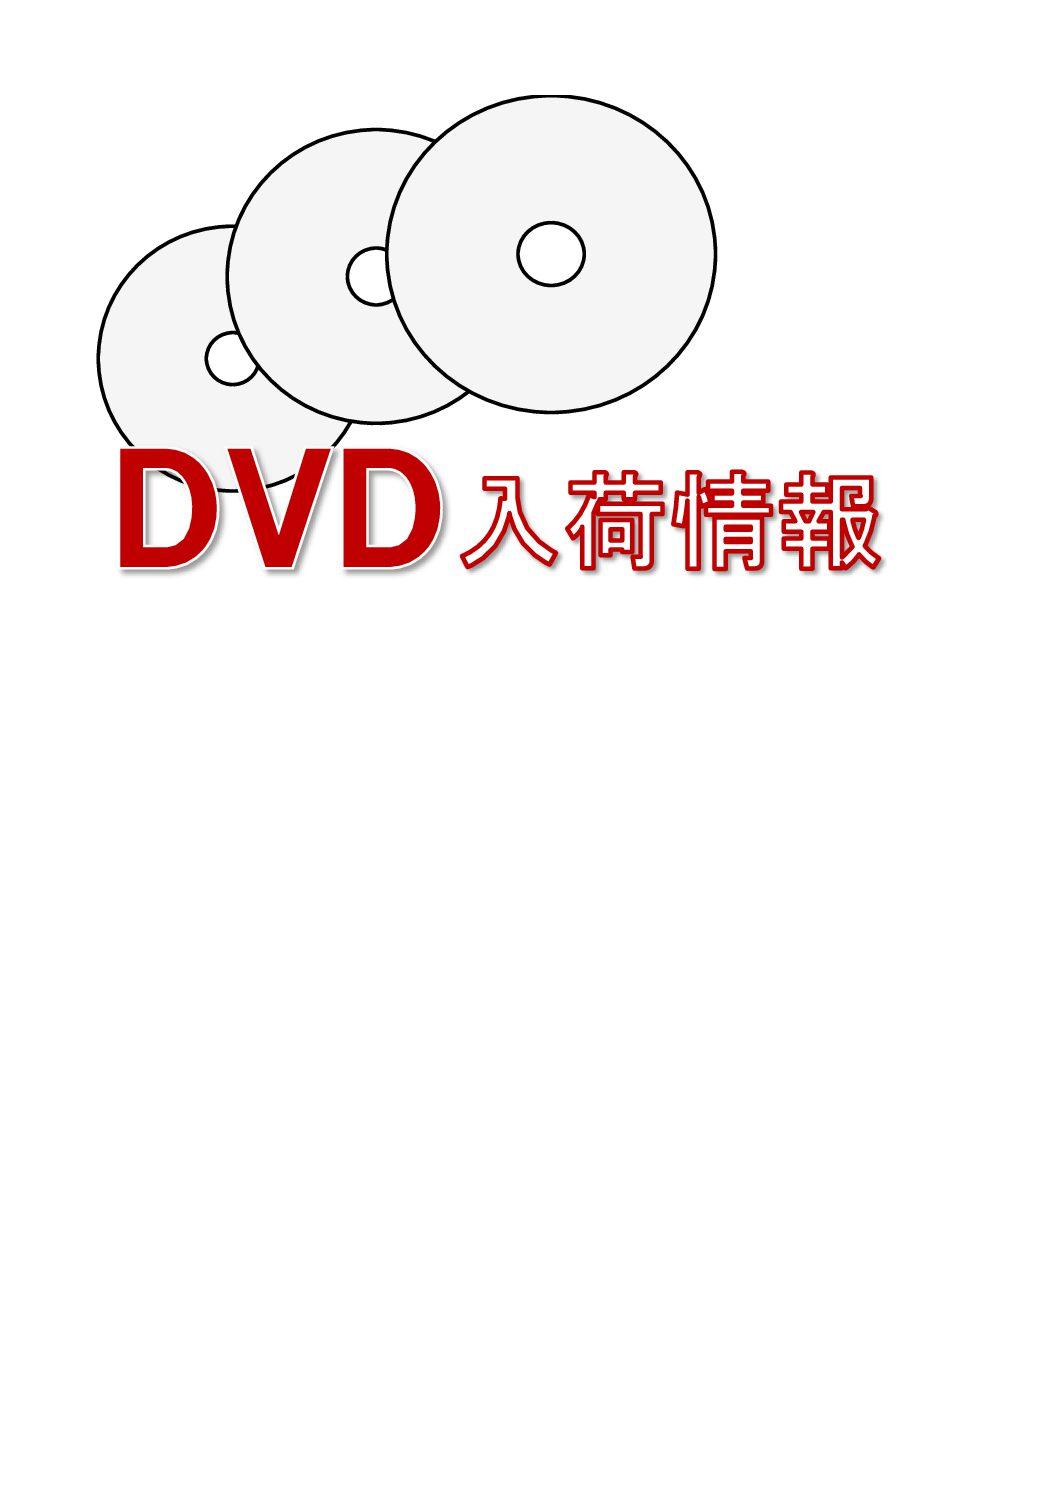 【NEW】セル用新品 DVD一般作アソート ジャンルミックス 単品&シリーズバラ 【e-12】